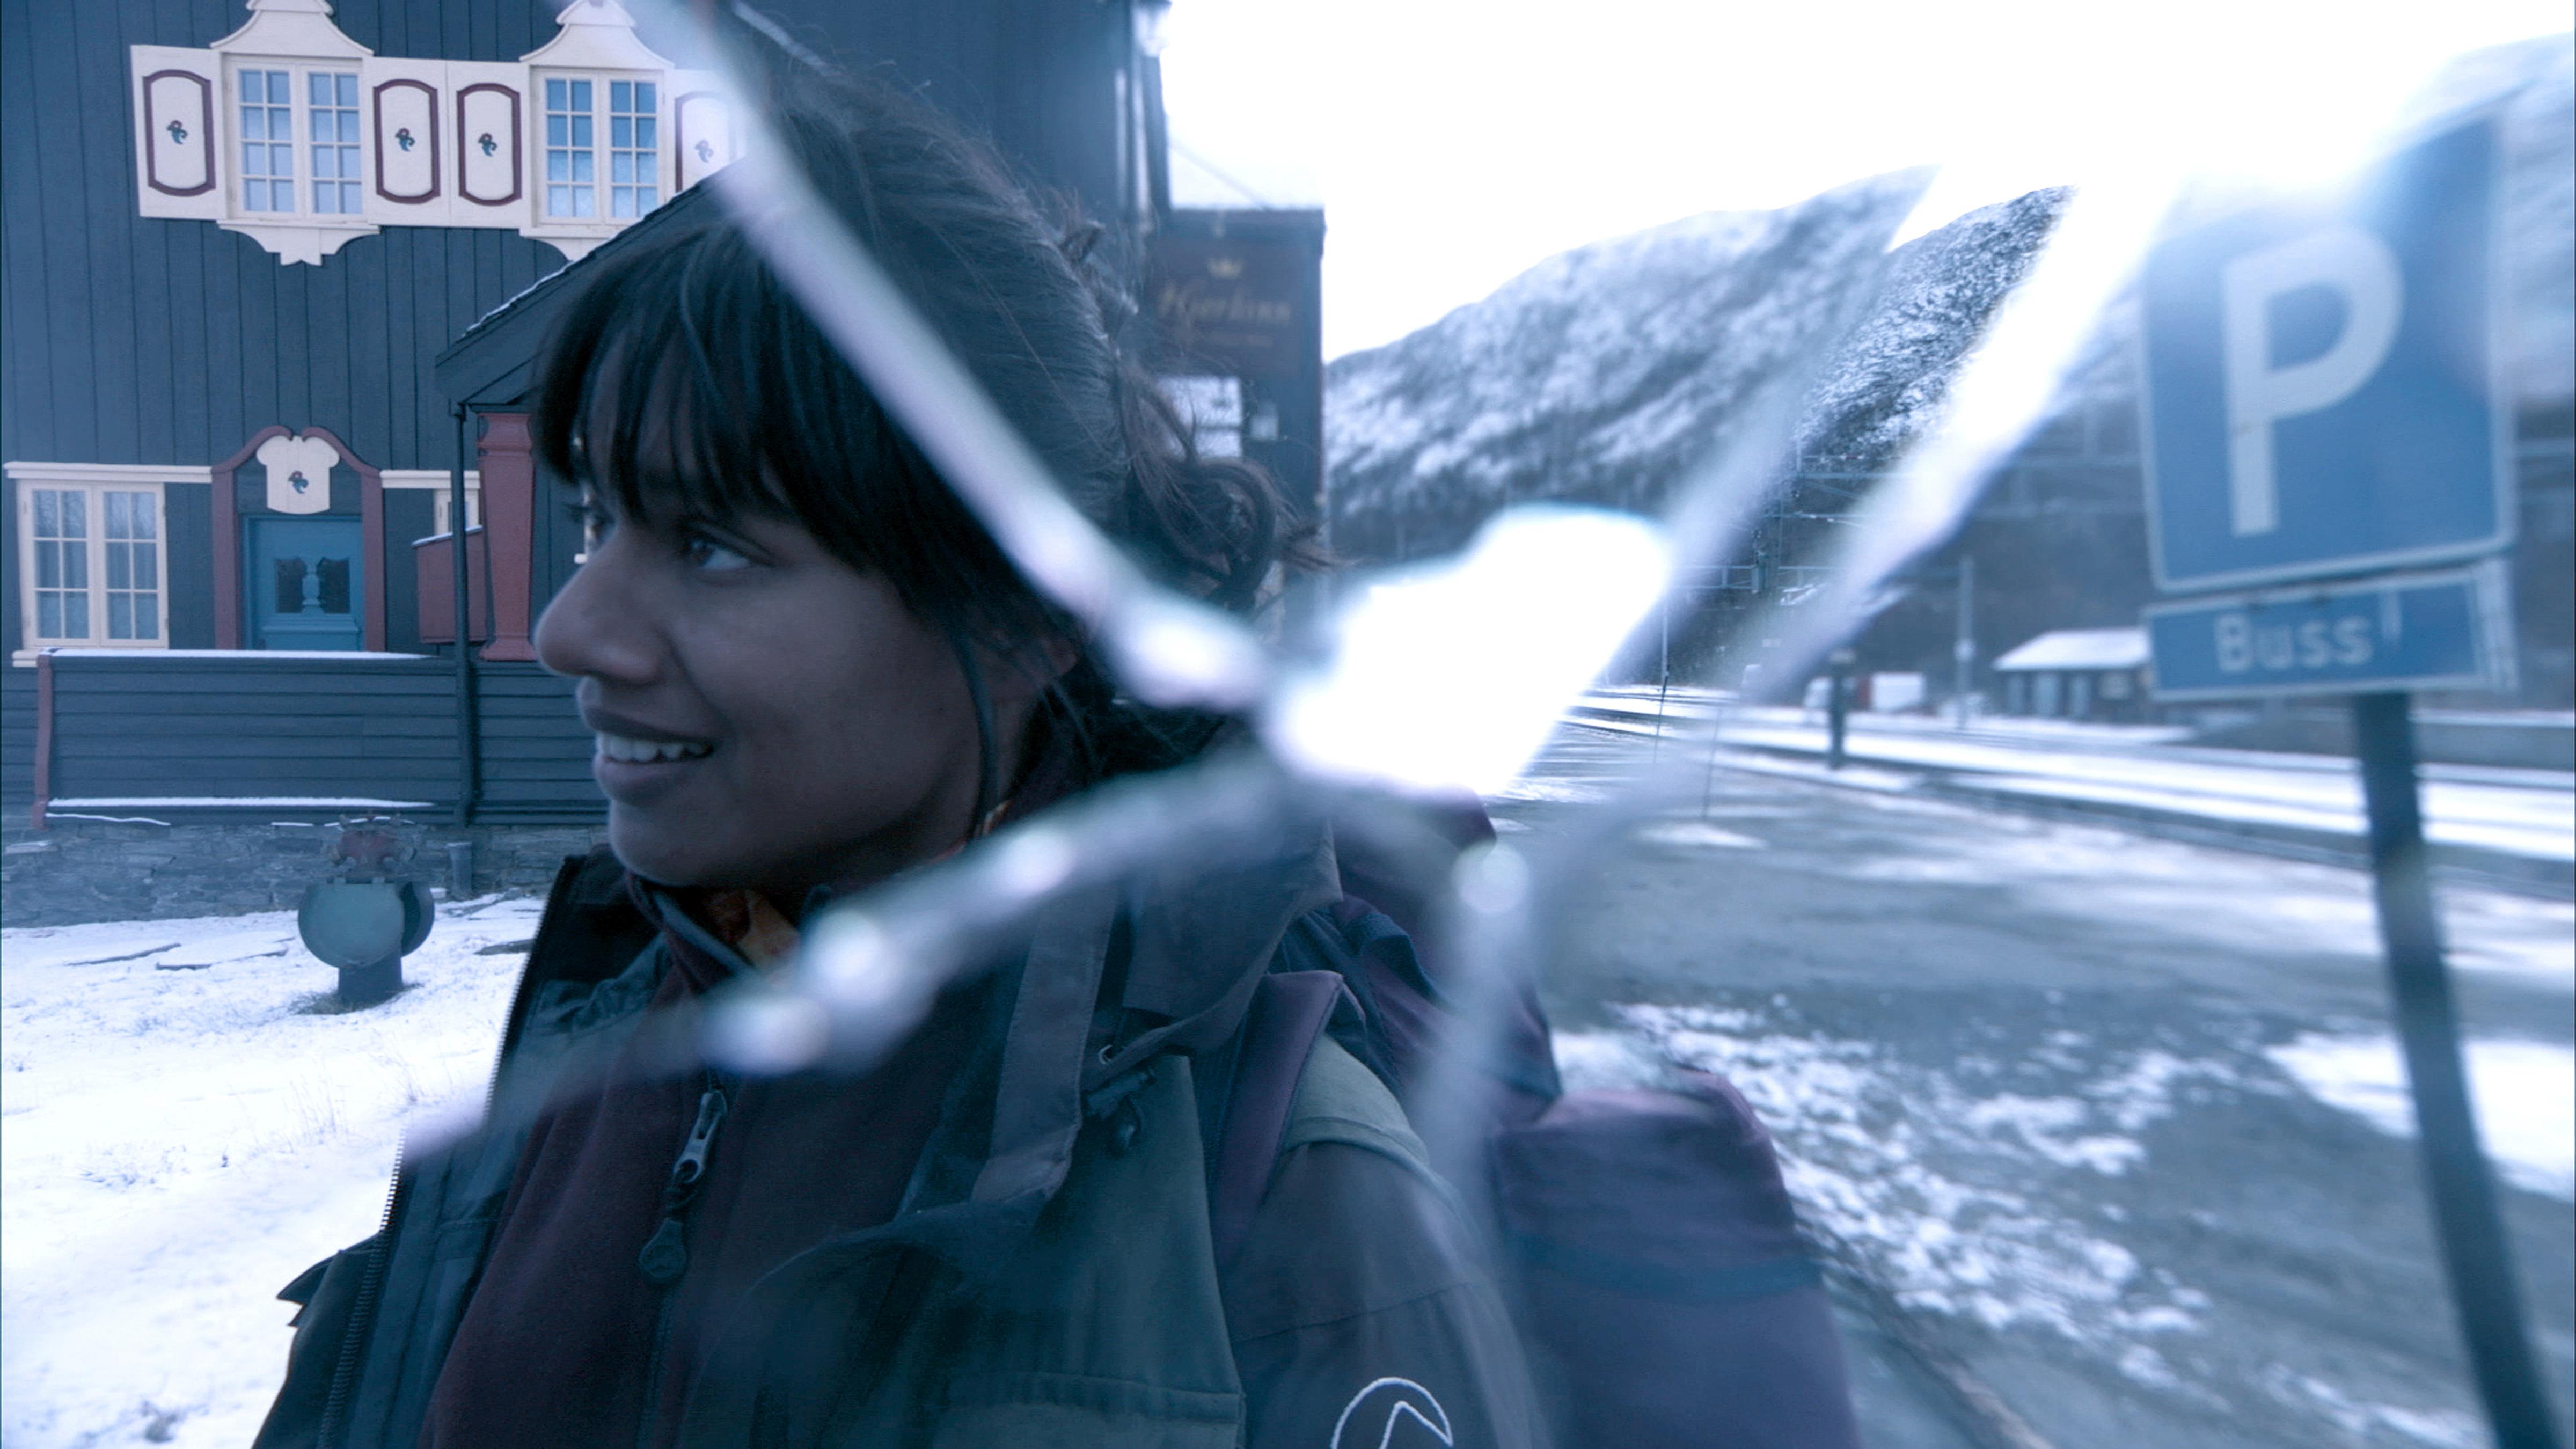 Quelle: http://www.moviepilot.de/files/images/0502/1083/the-troll-hunter-5.jpg